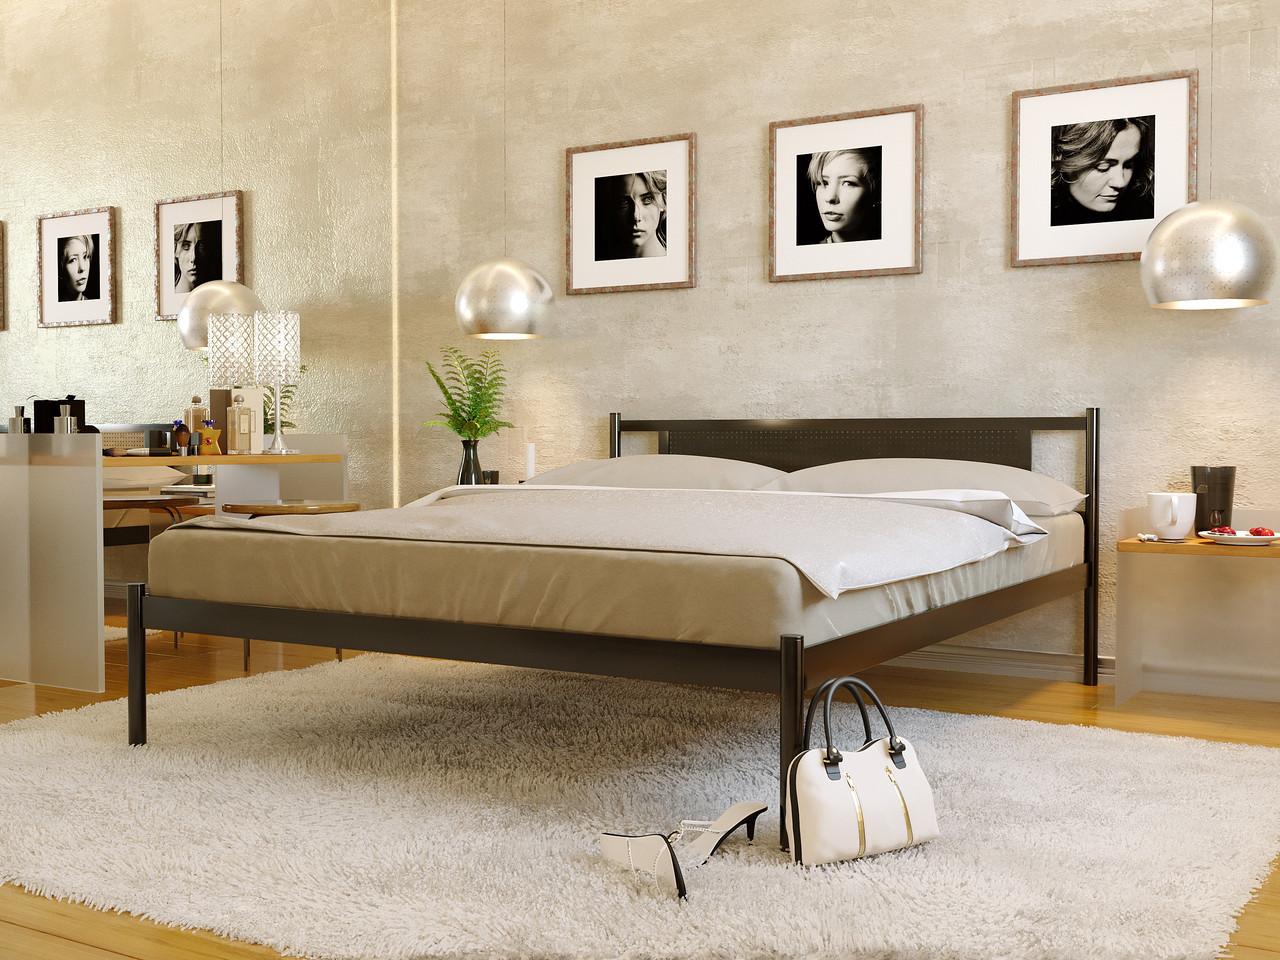 Кровать металлическая Флай Нью-1 (FLY NEW)